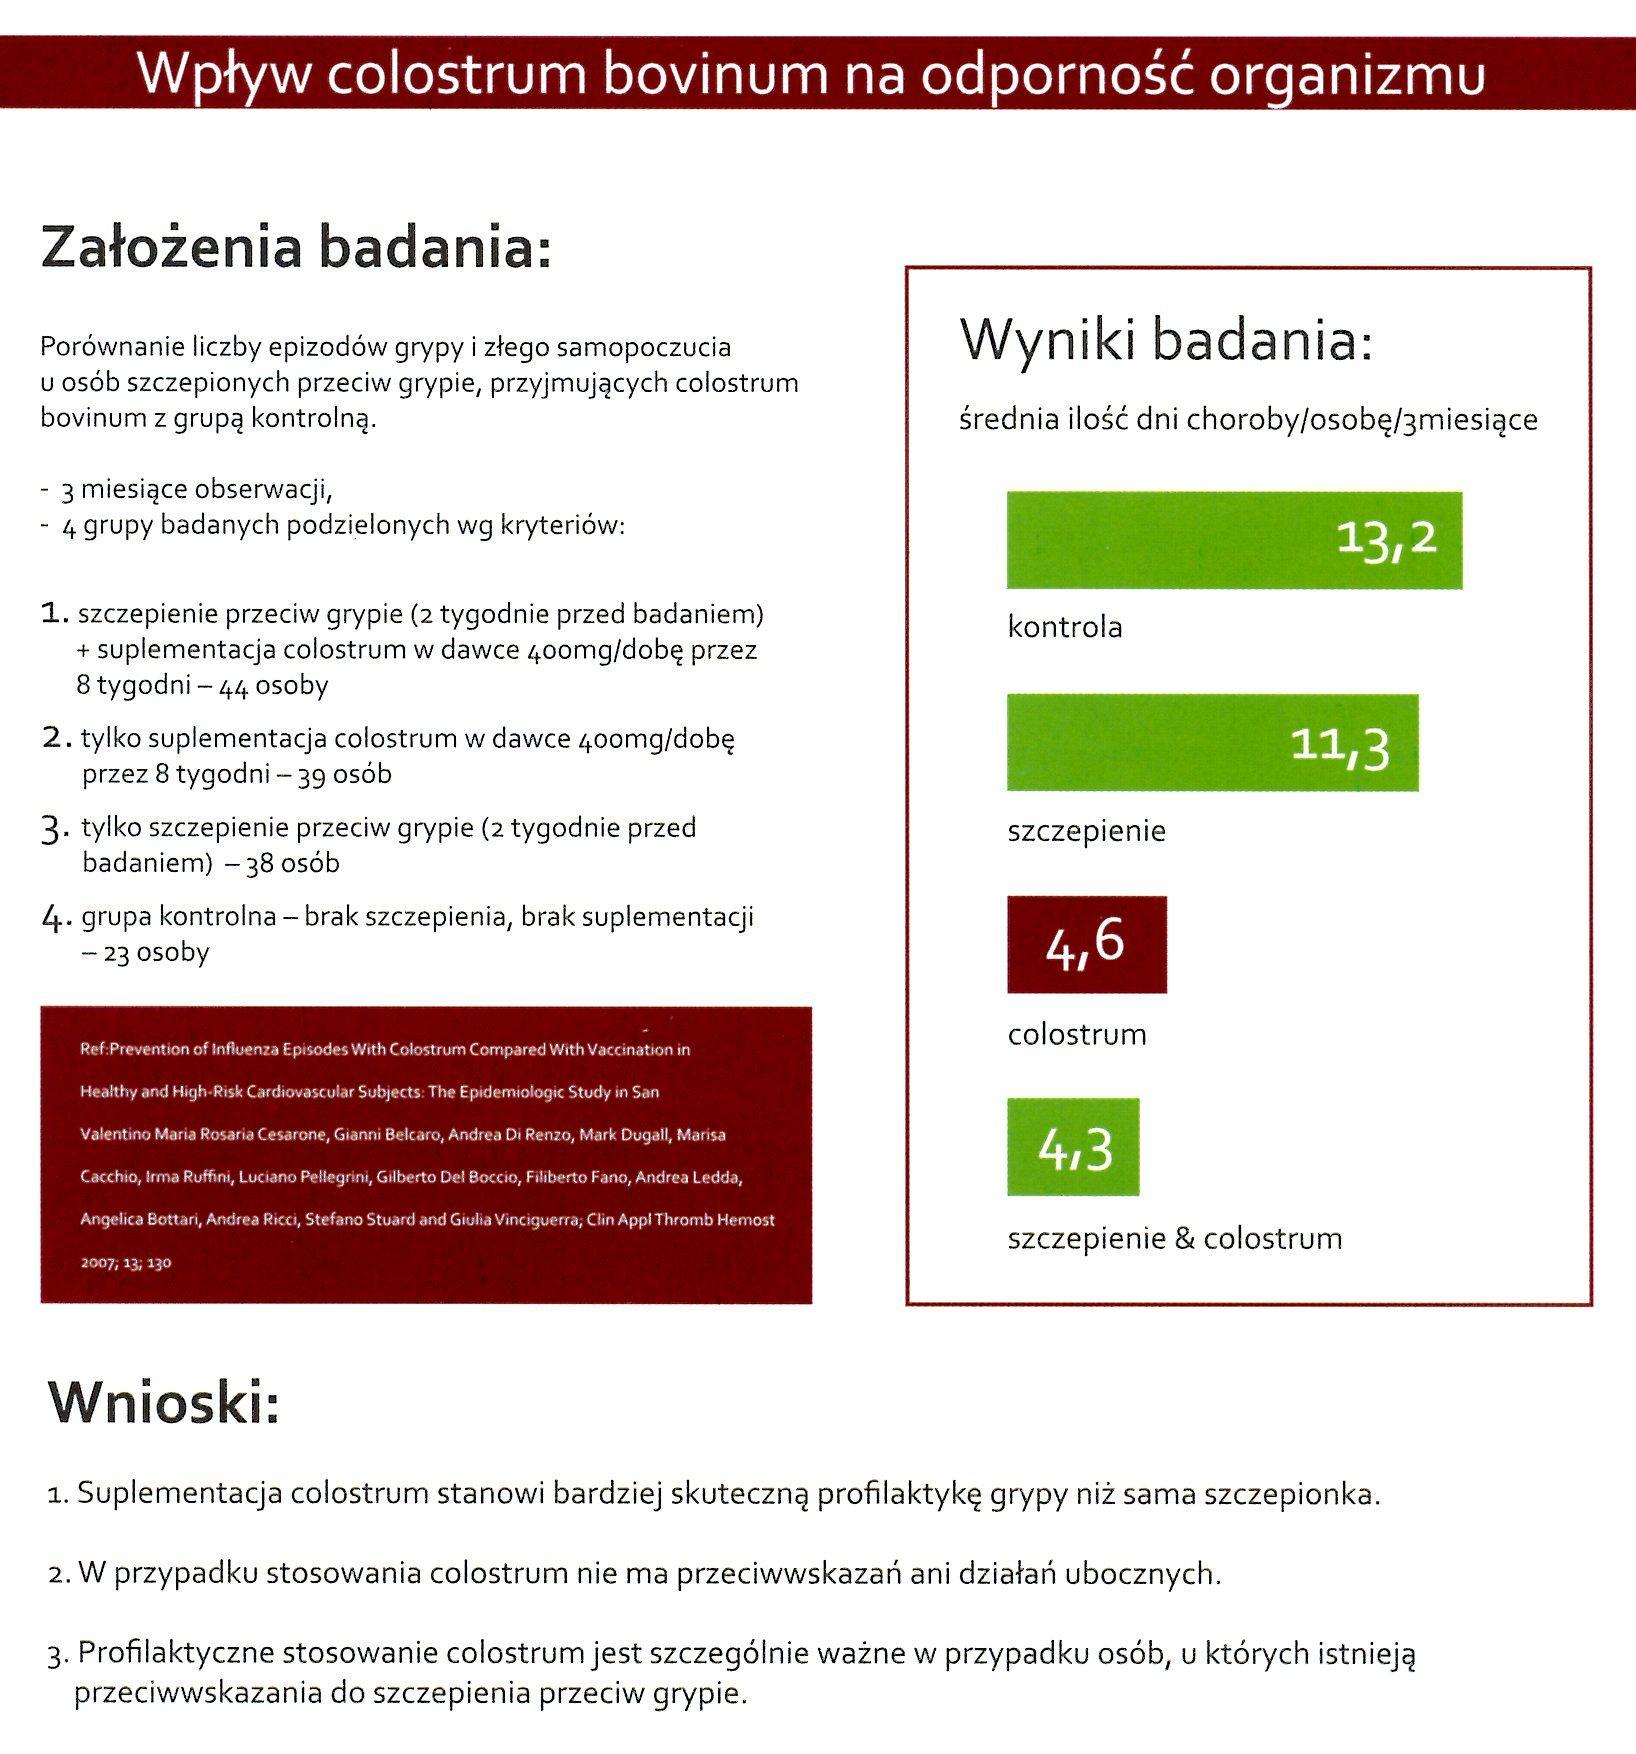 Wyniki Badania Colostrum na odporność